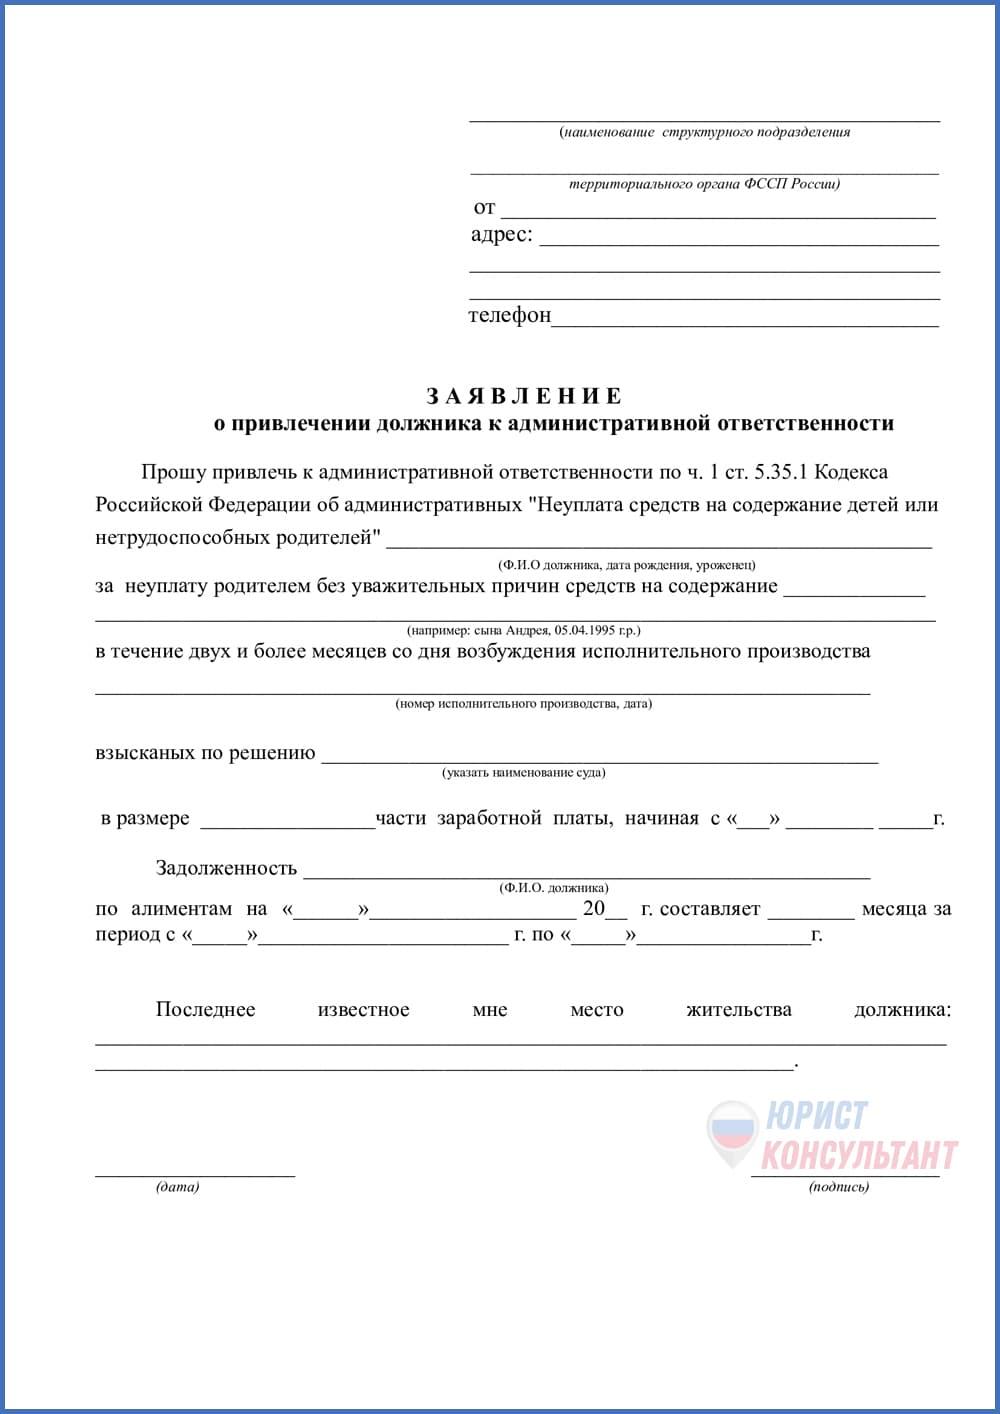 заявление о привлечении должника к административной ответственности